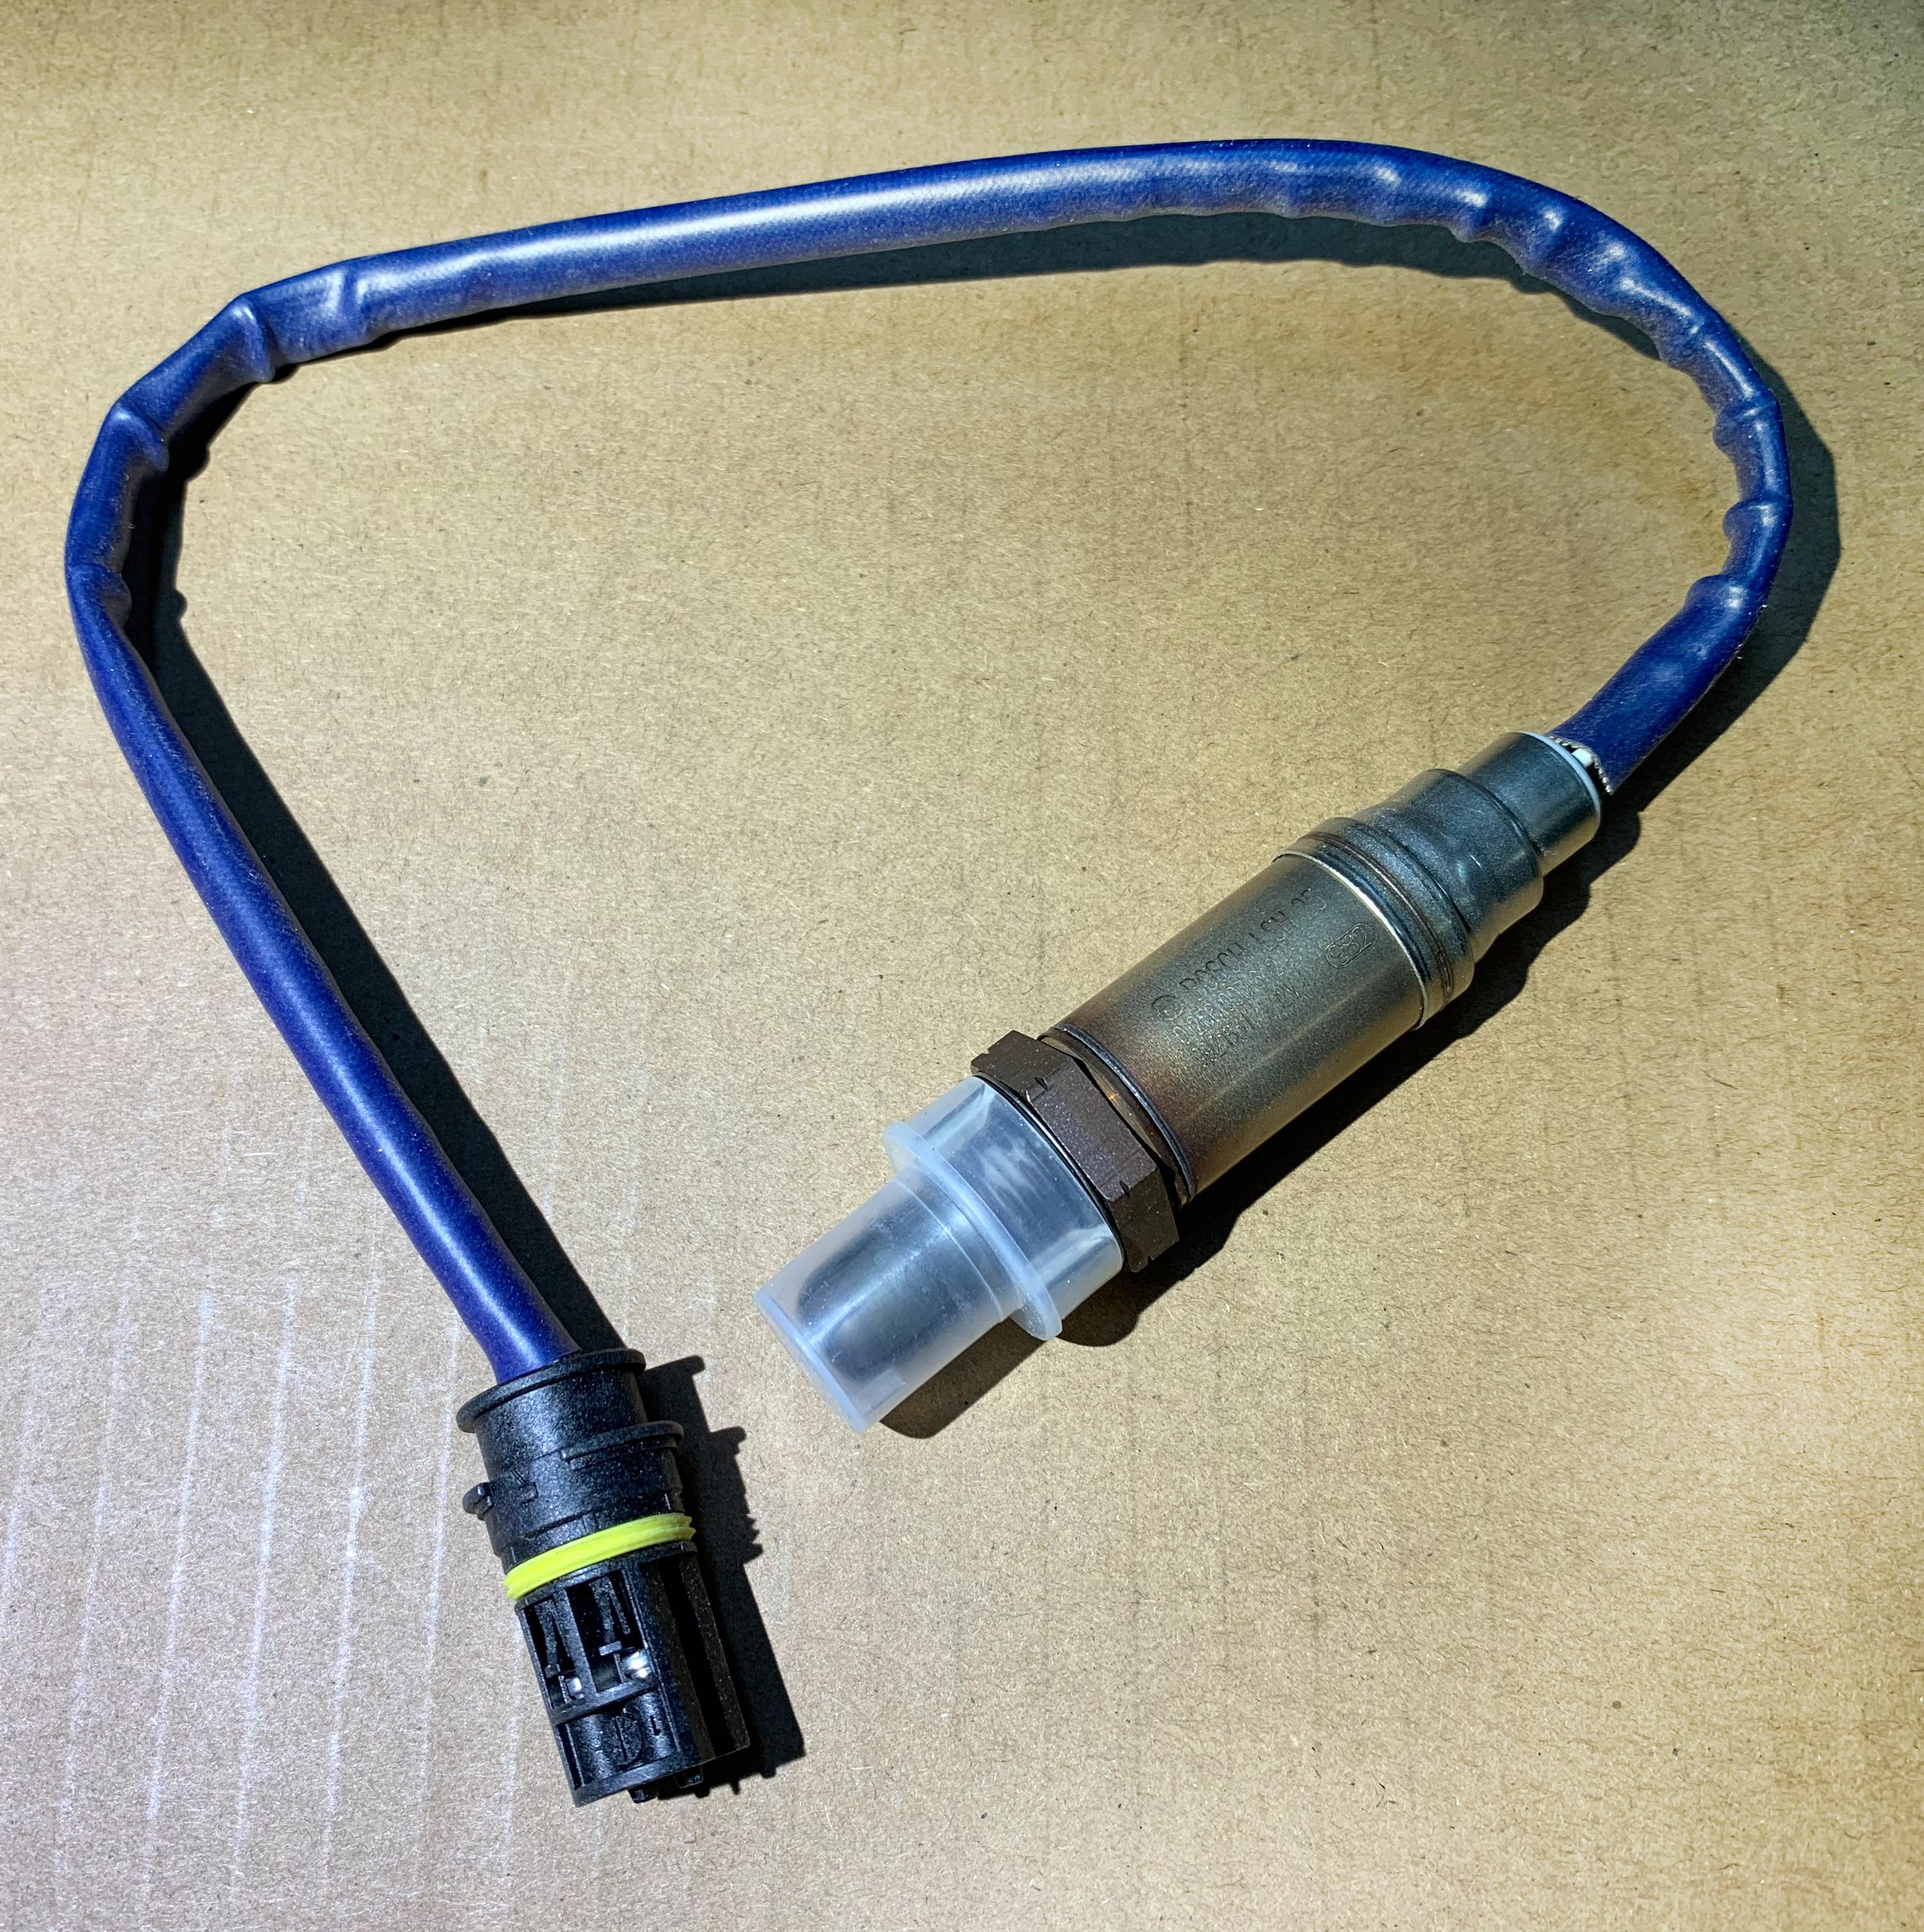 Downstream Oxygen Sensor Rear 02 O2 234-4175 for Mercedes-Benz SL500 SL600 New